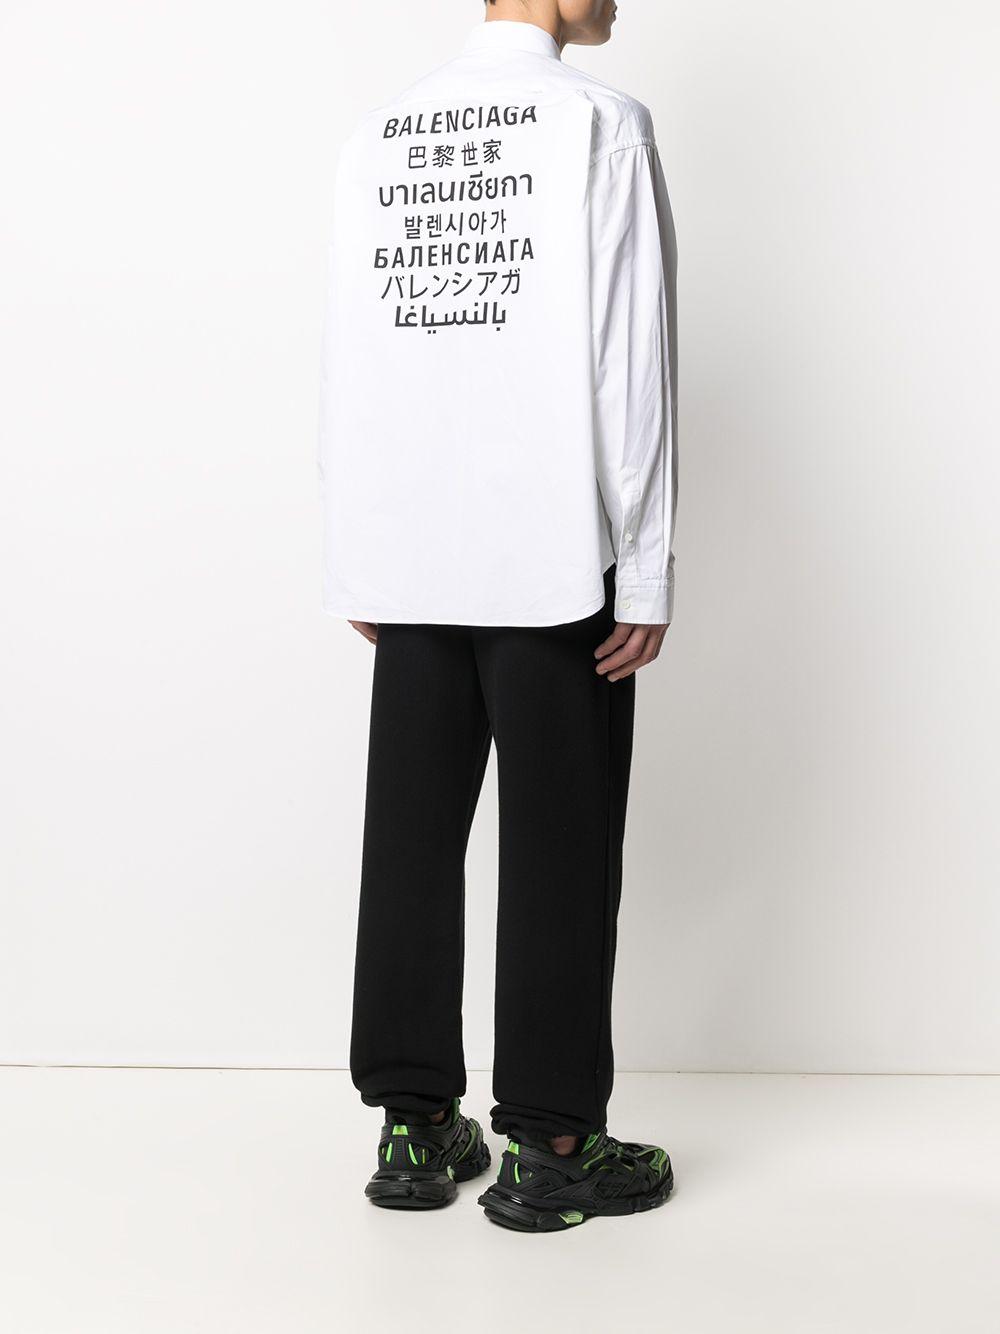 Camicia button-down Languages in cotone bianco con stampa Balenciaga multilingua nera sul retro BALENCIAGA | Camicie | 647357-TYB189000